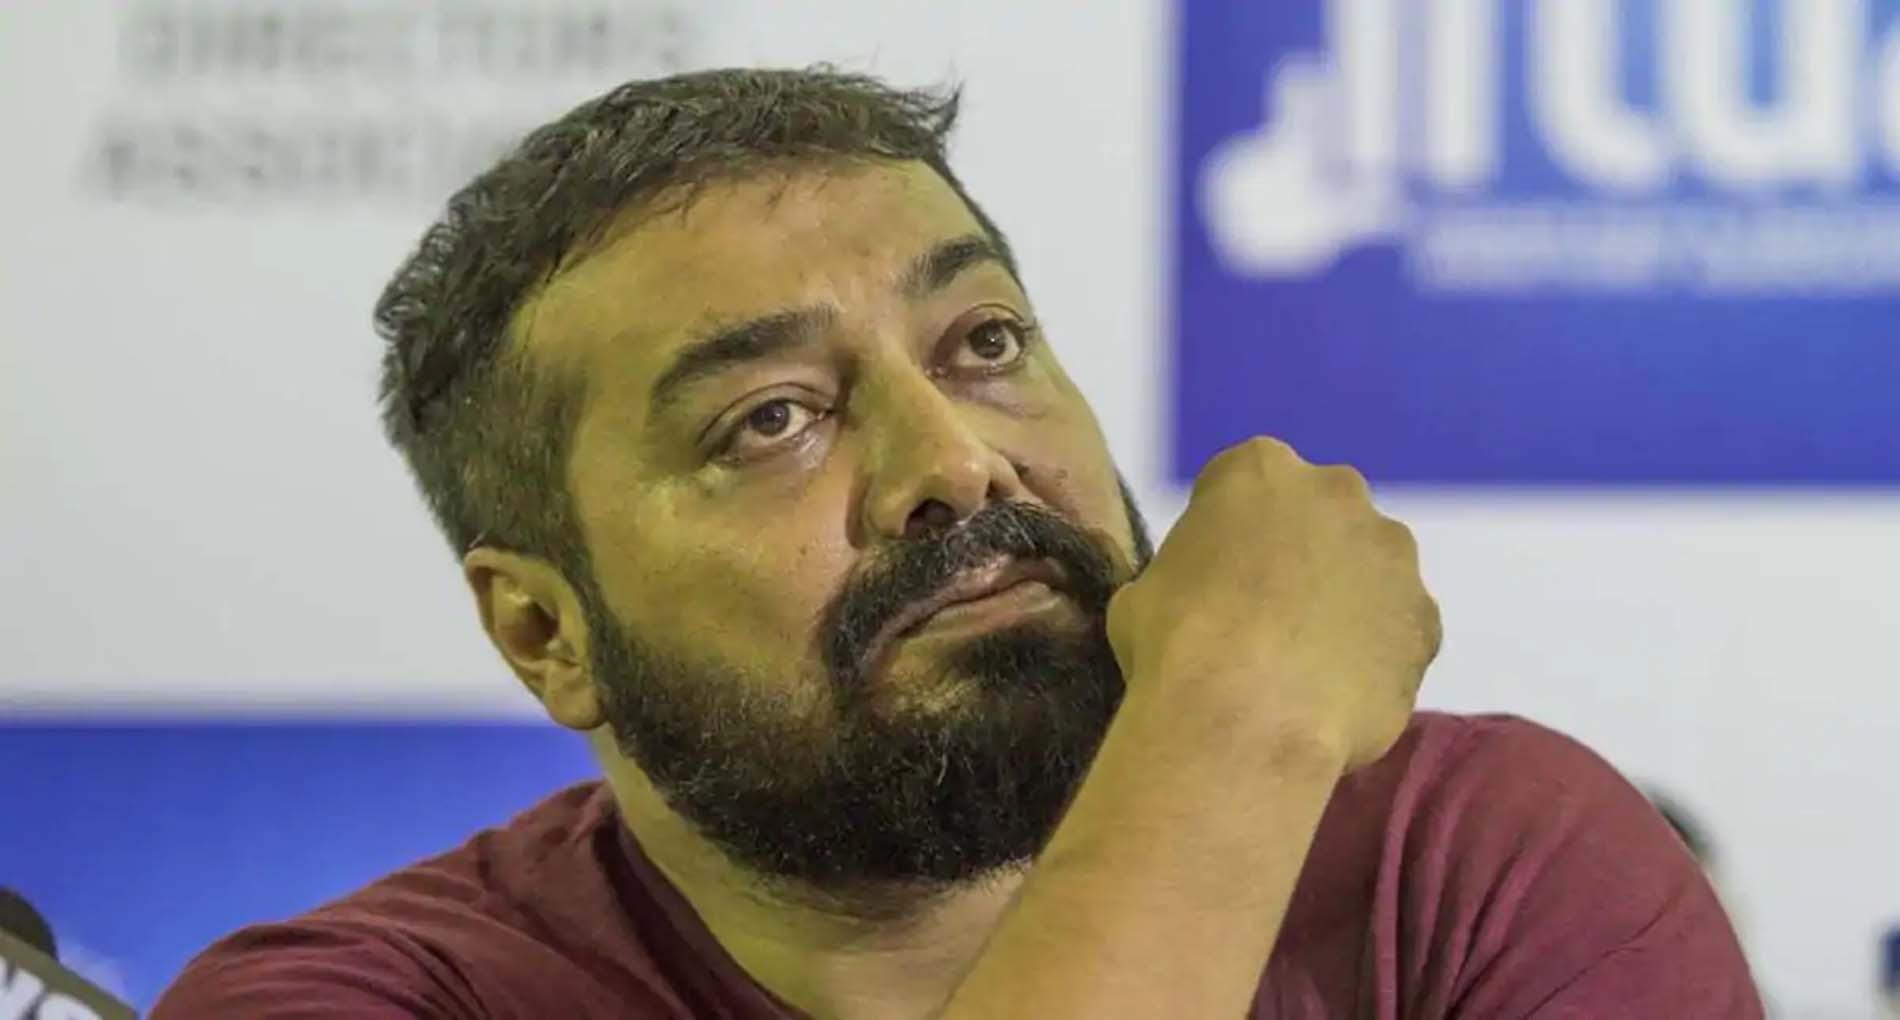 यौन शोषण के आरोप में बढ़ सकती हैं अनुराग कश्यप की मुश्किलें! आज पुलिस करेगी पूछताछ